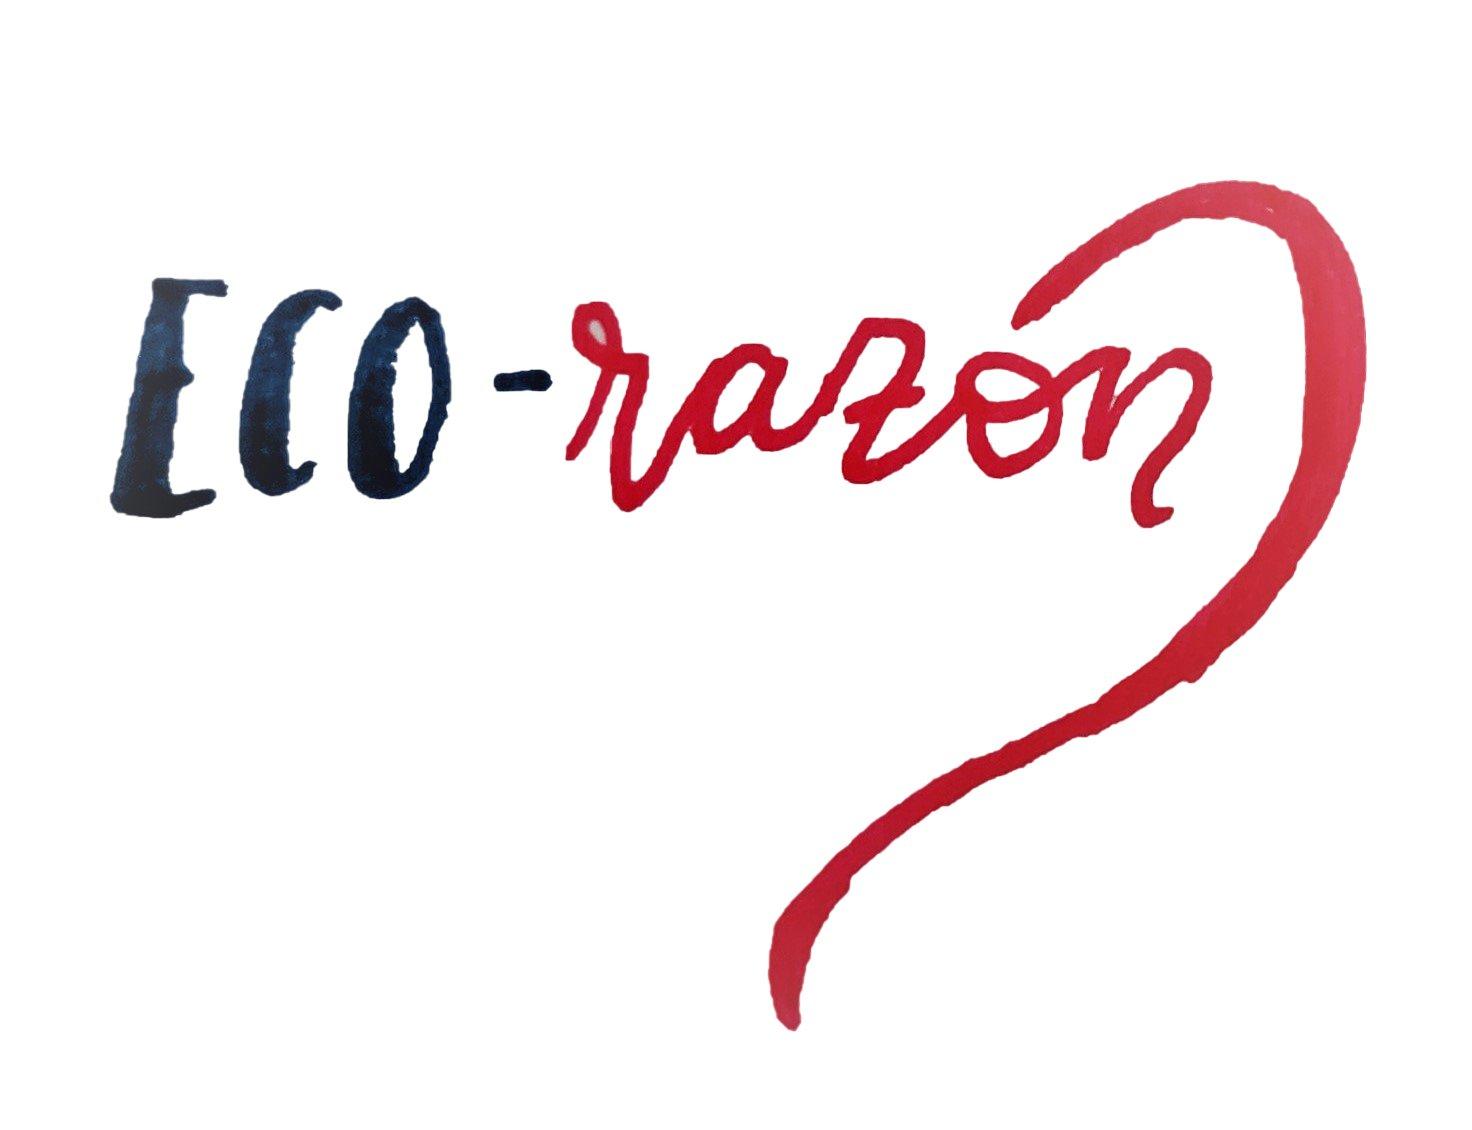 ECO-razon